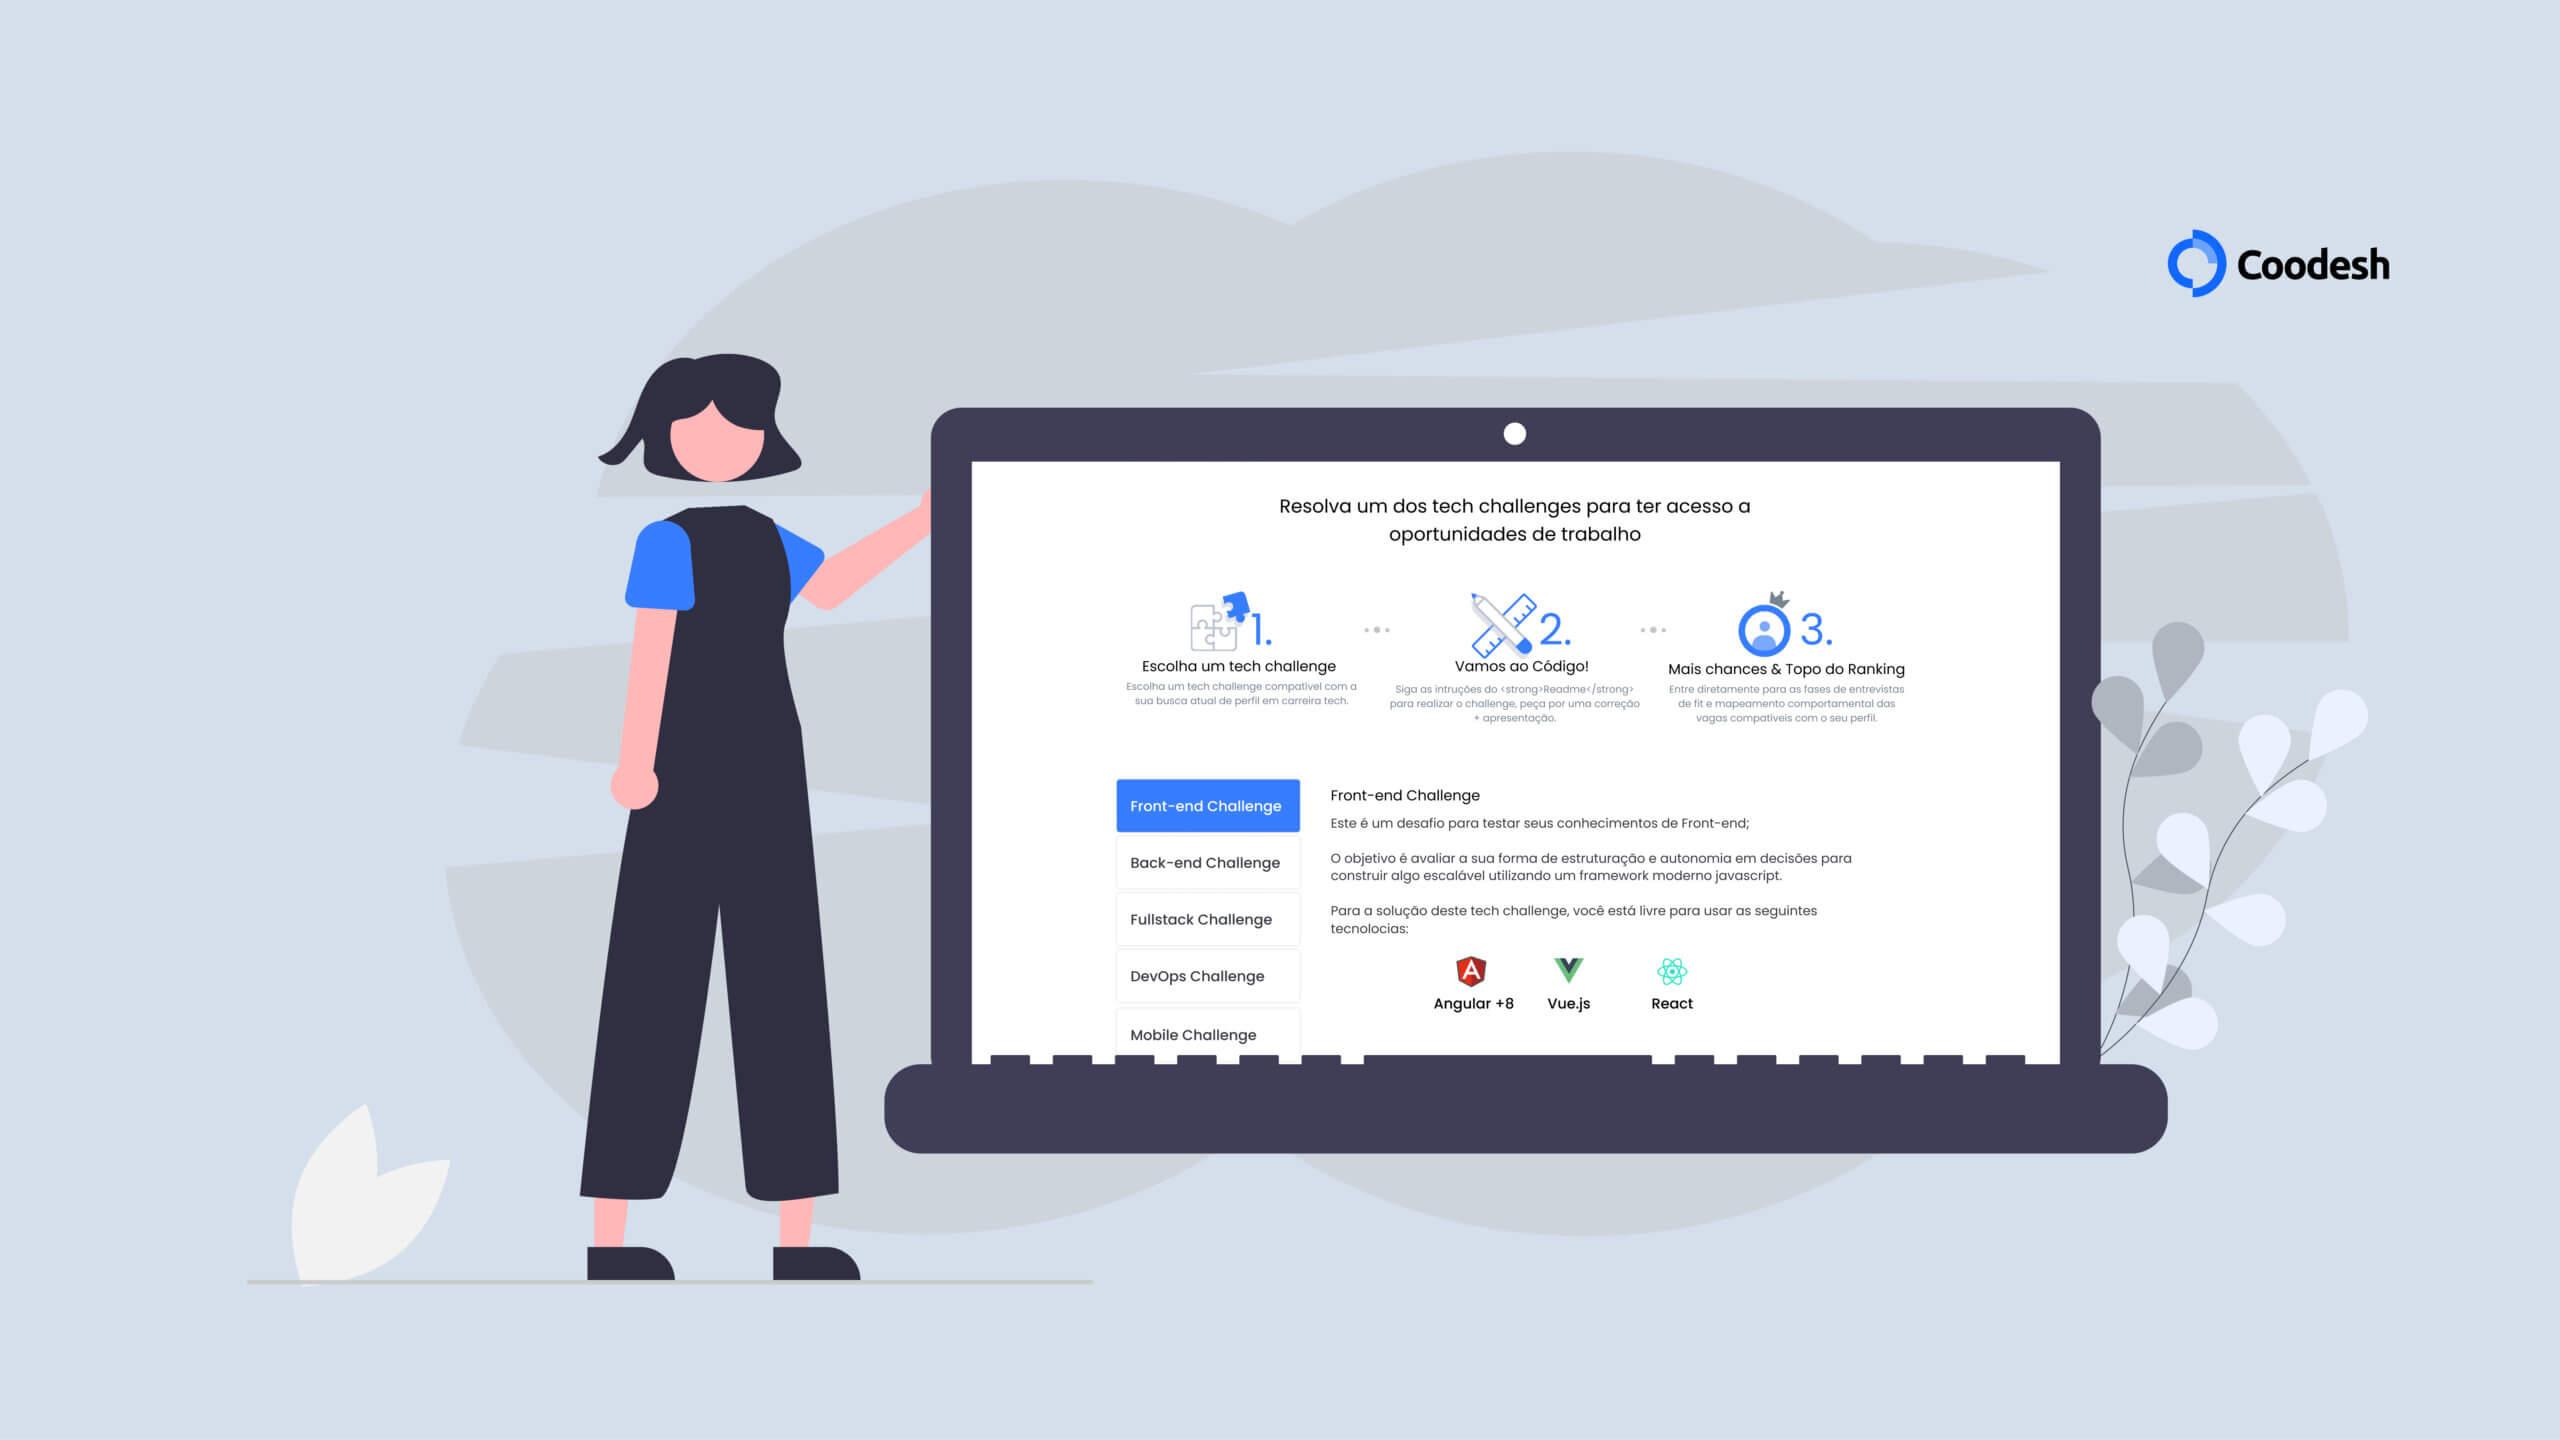 Atenção DEVs: confira o novo painel de usuários com desafios incríveis